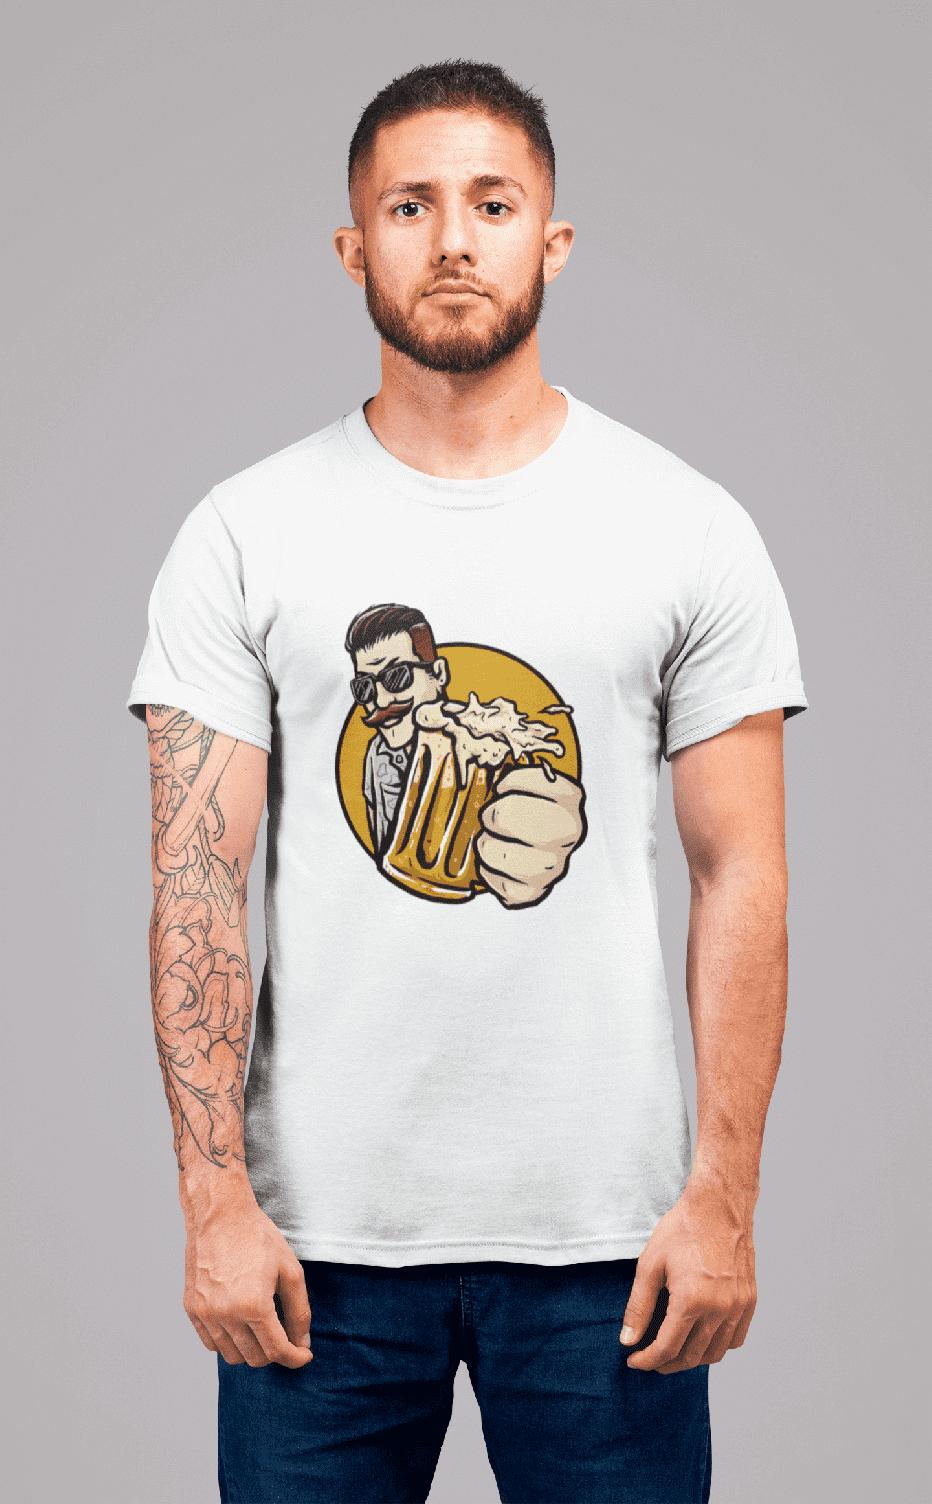 MMO Pánske tričko Chlap s pivom v ruke Vyberte farbu: Biela, Vyberte veľkosť: L